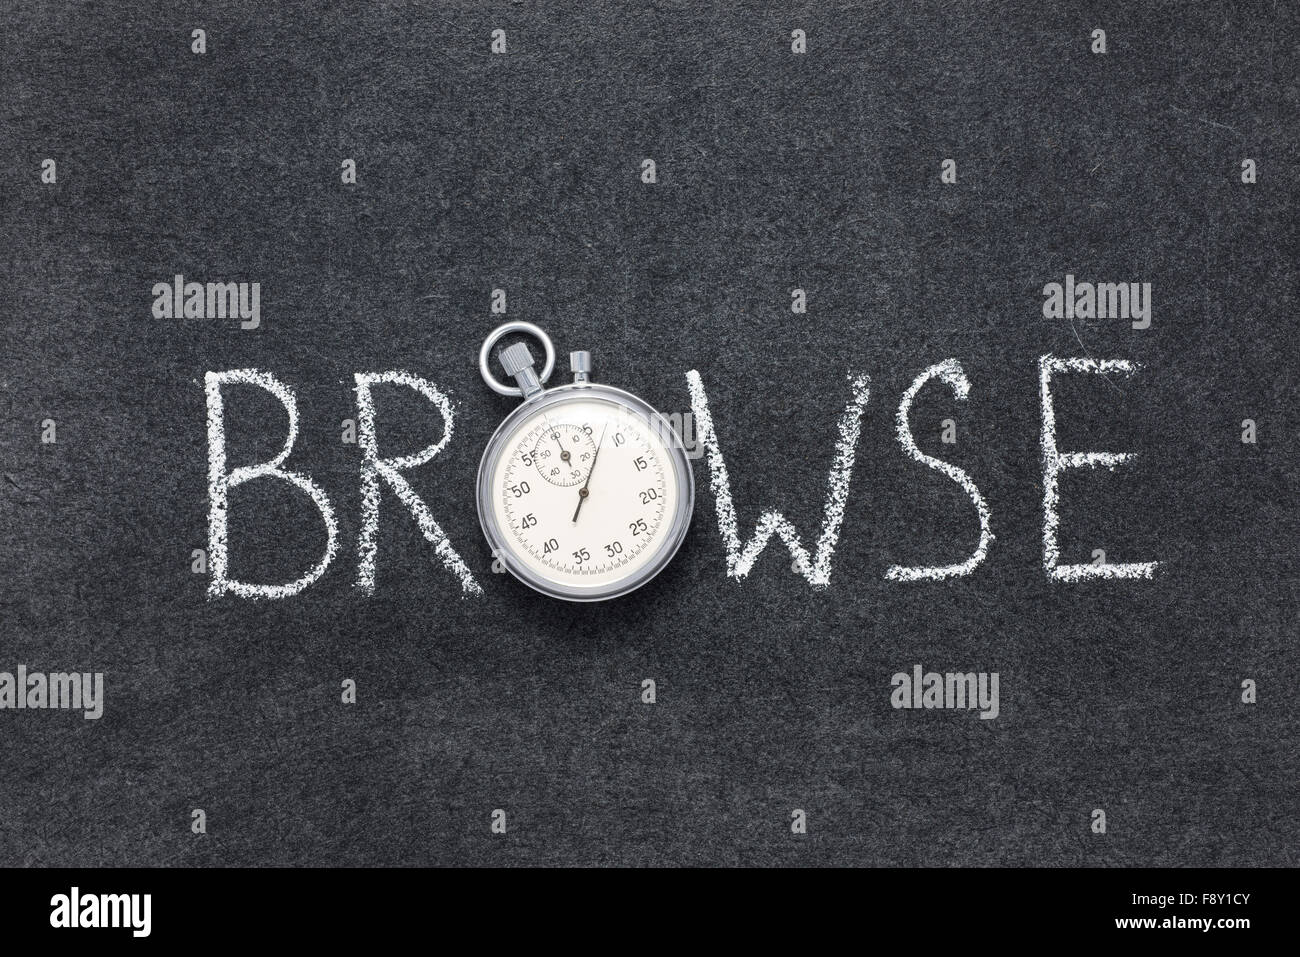 Sfoglia la parola manoscritta su lavagna con vintage cronometro preciso utilizzato al posto di o Immagini Stock